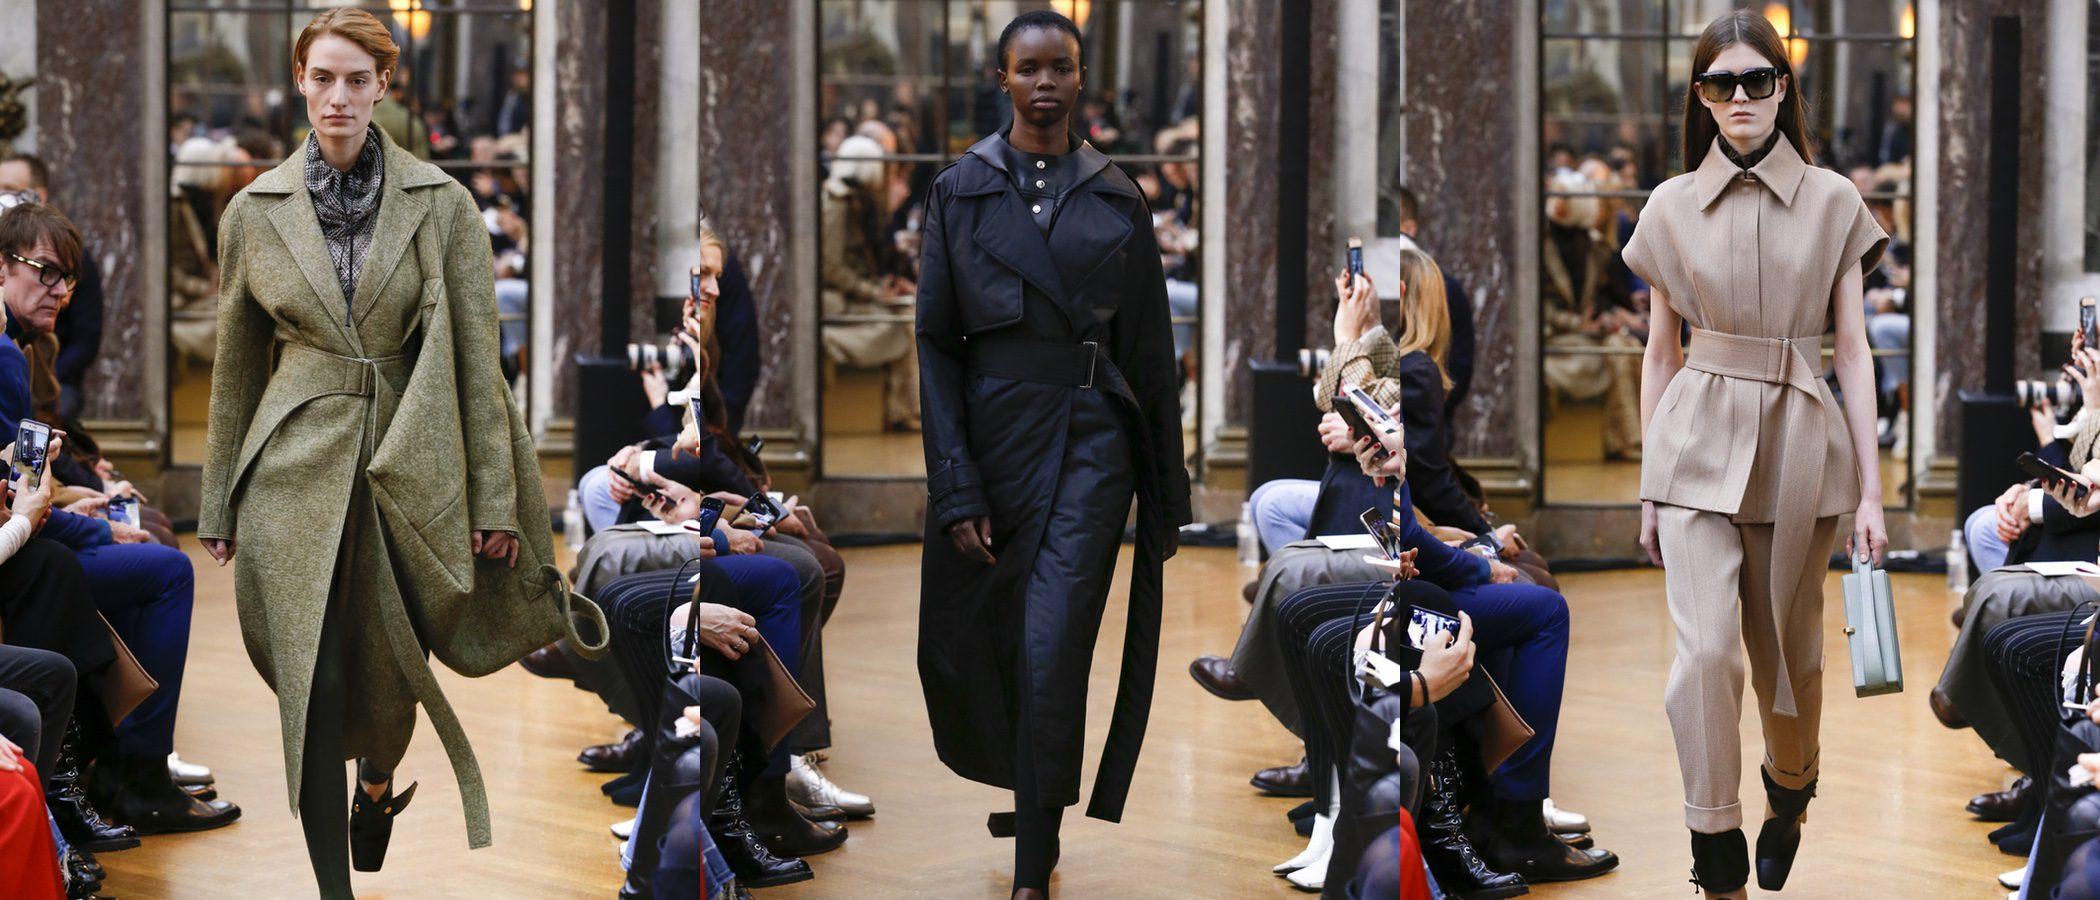 El minimalismo de la colección otoño/invierno 2018 de Victoria Beckham en la Nueva York Fashion Week